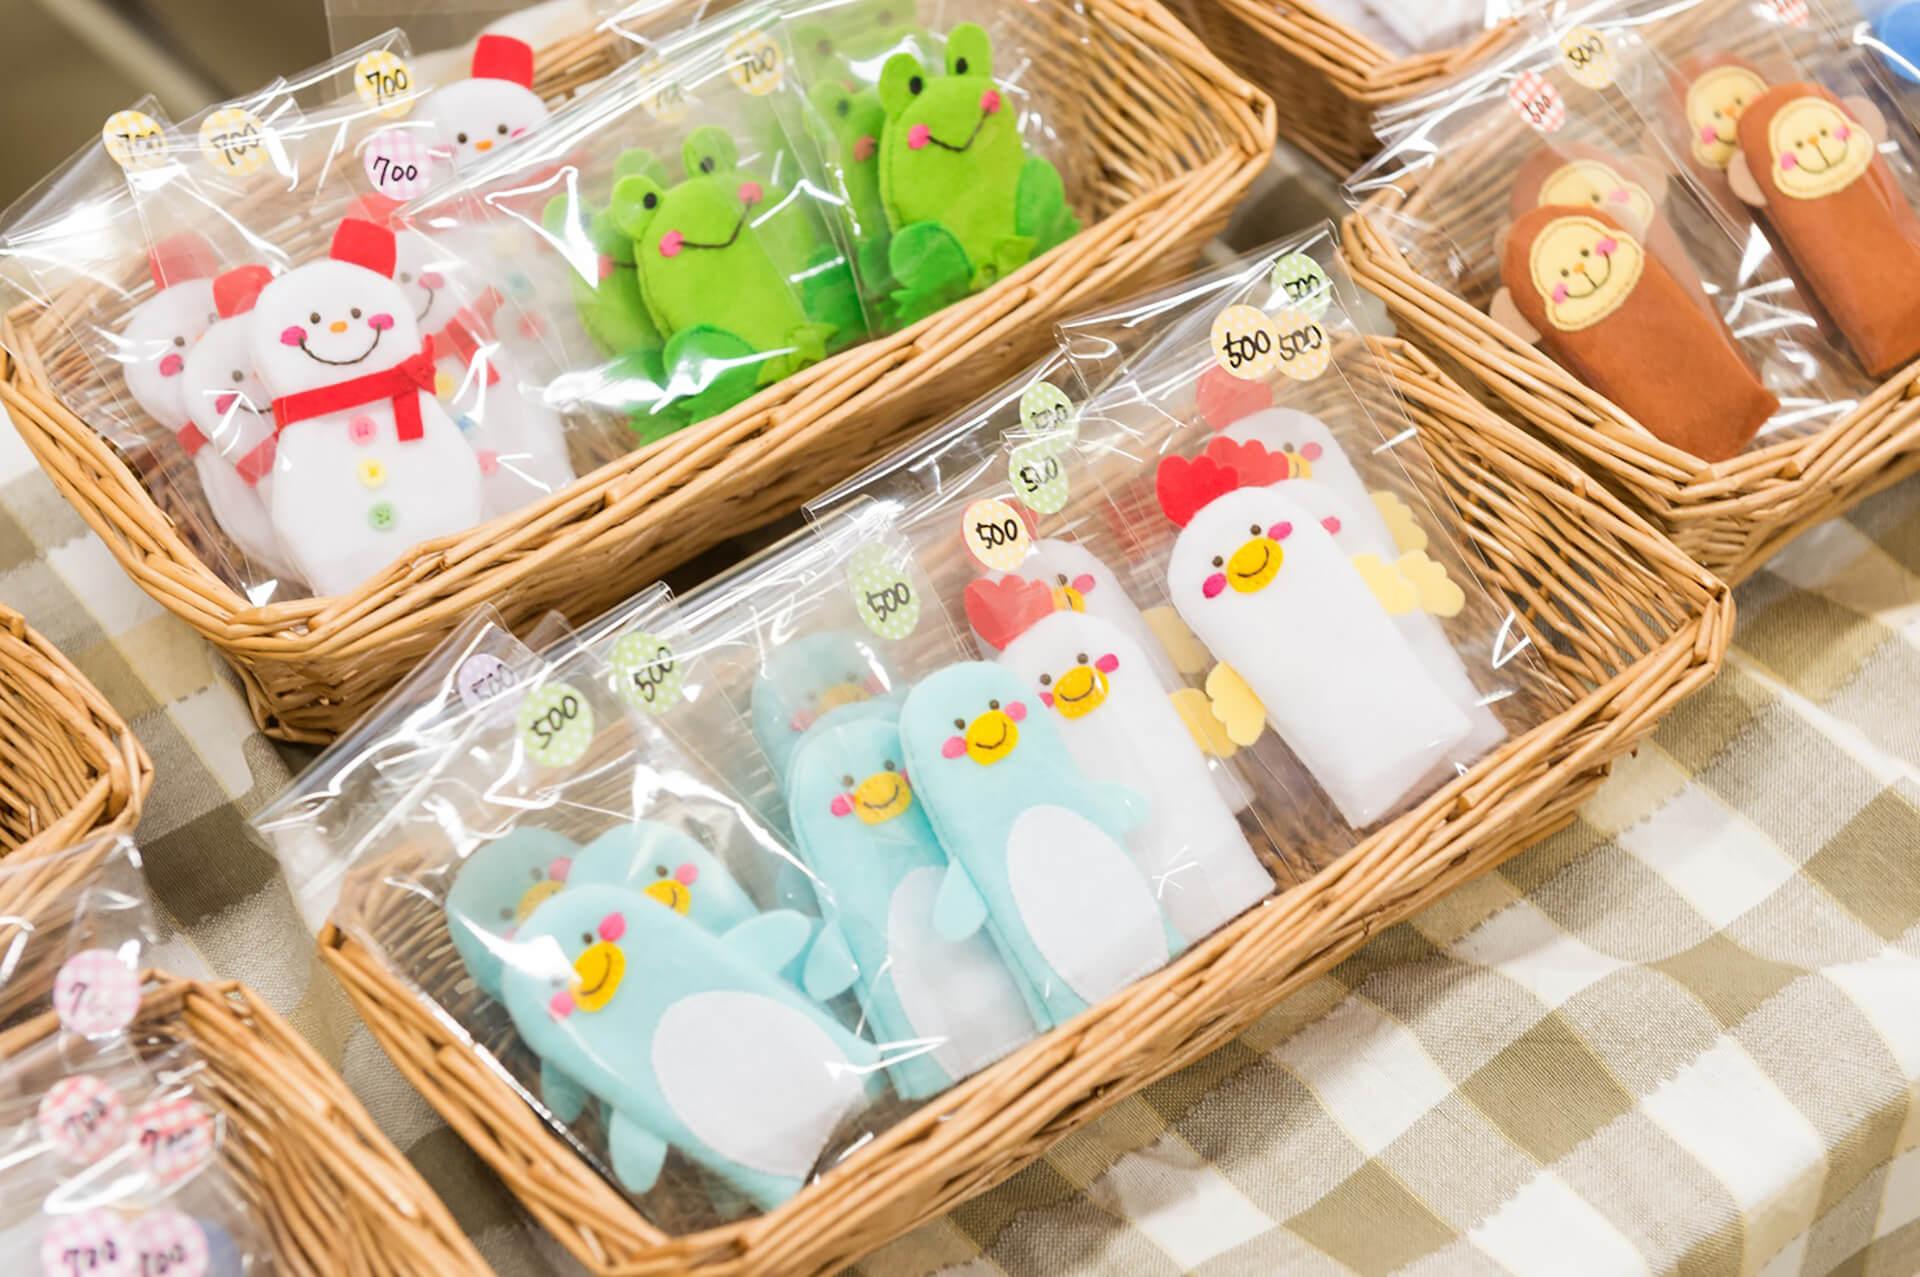 東京おもちゃまつり2019で販売されるおもちゃ